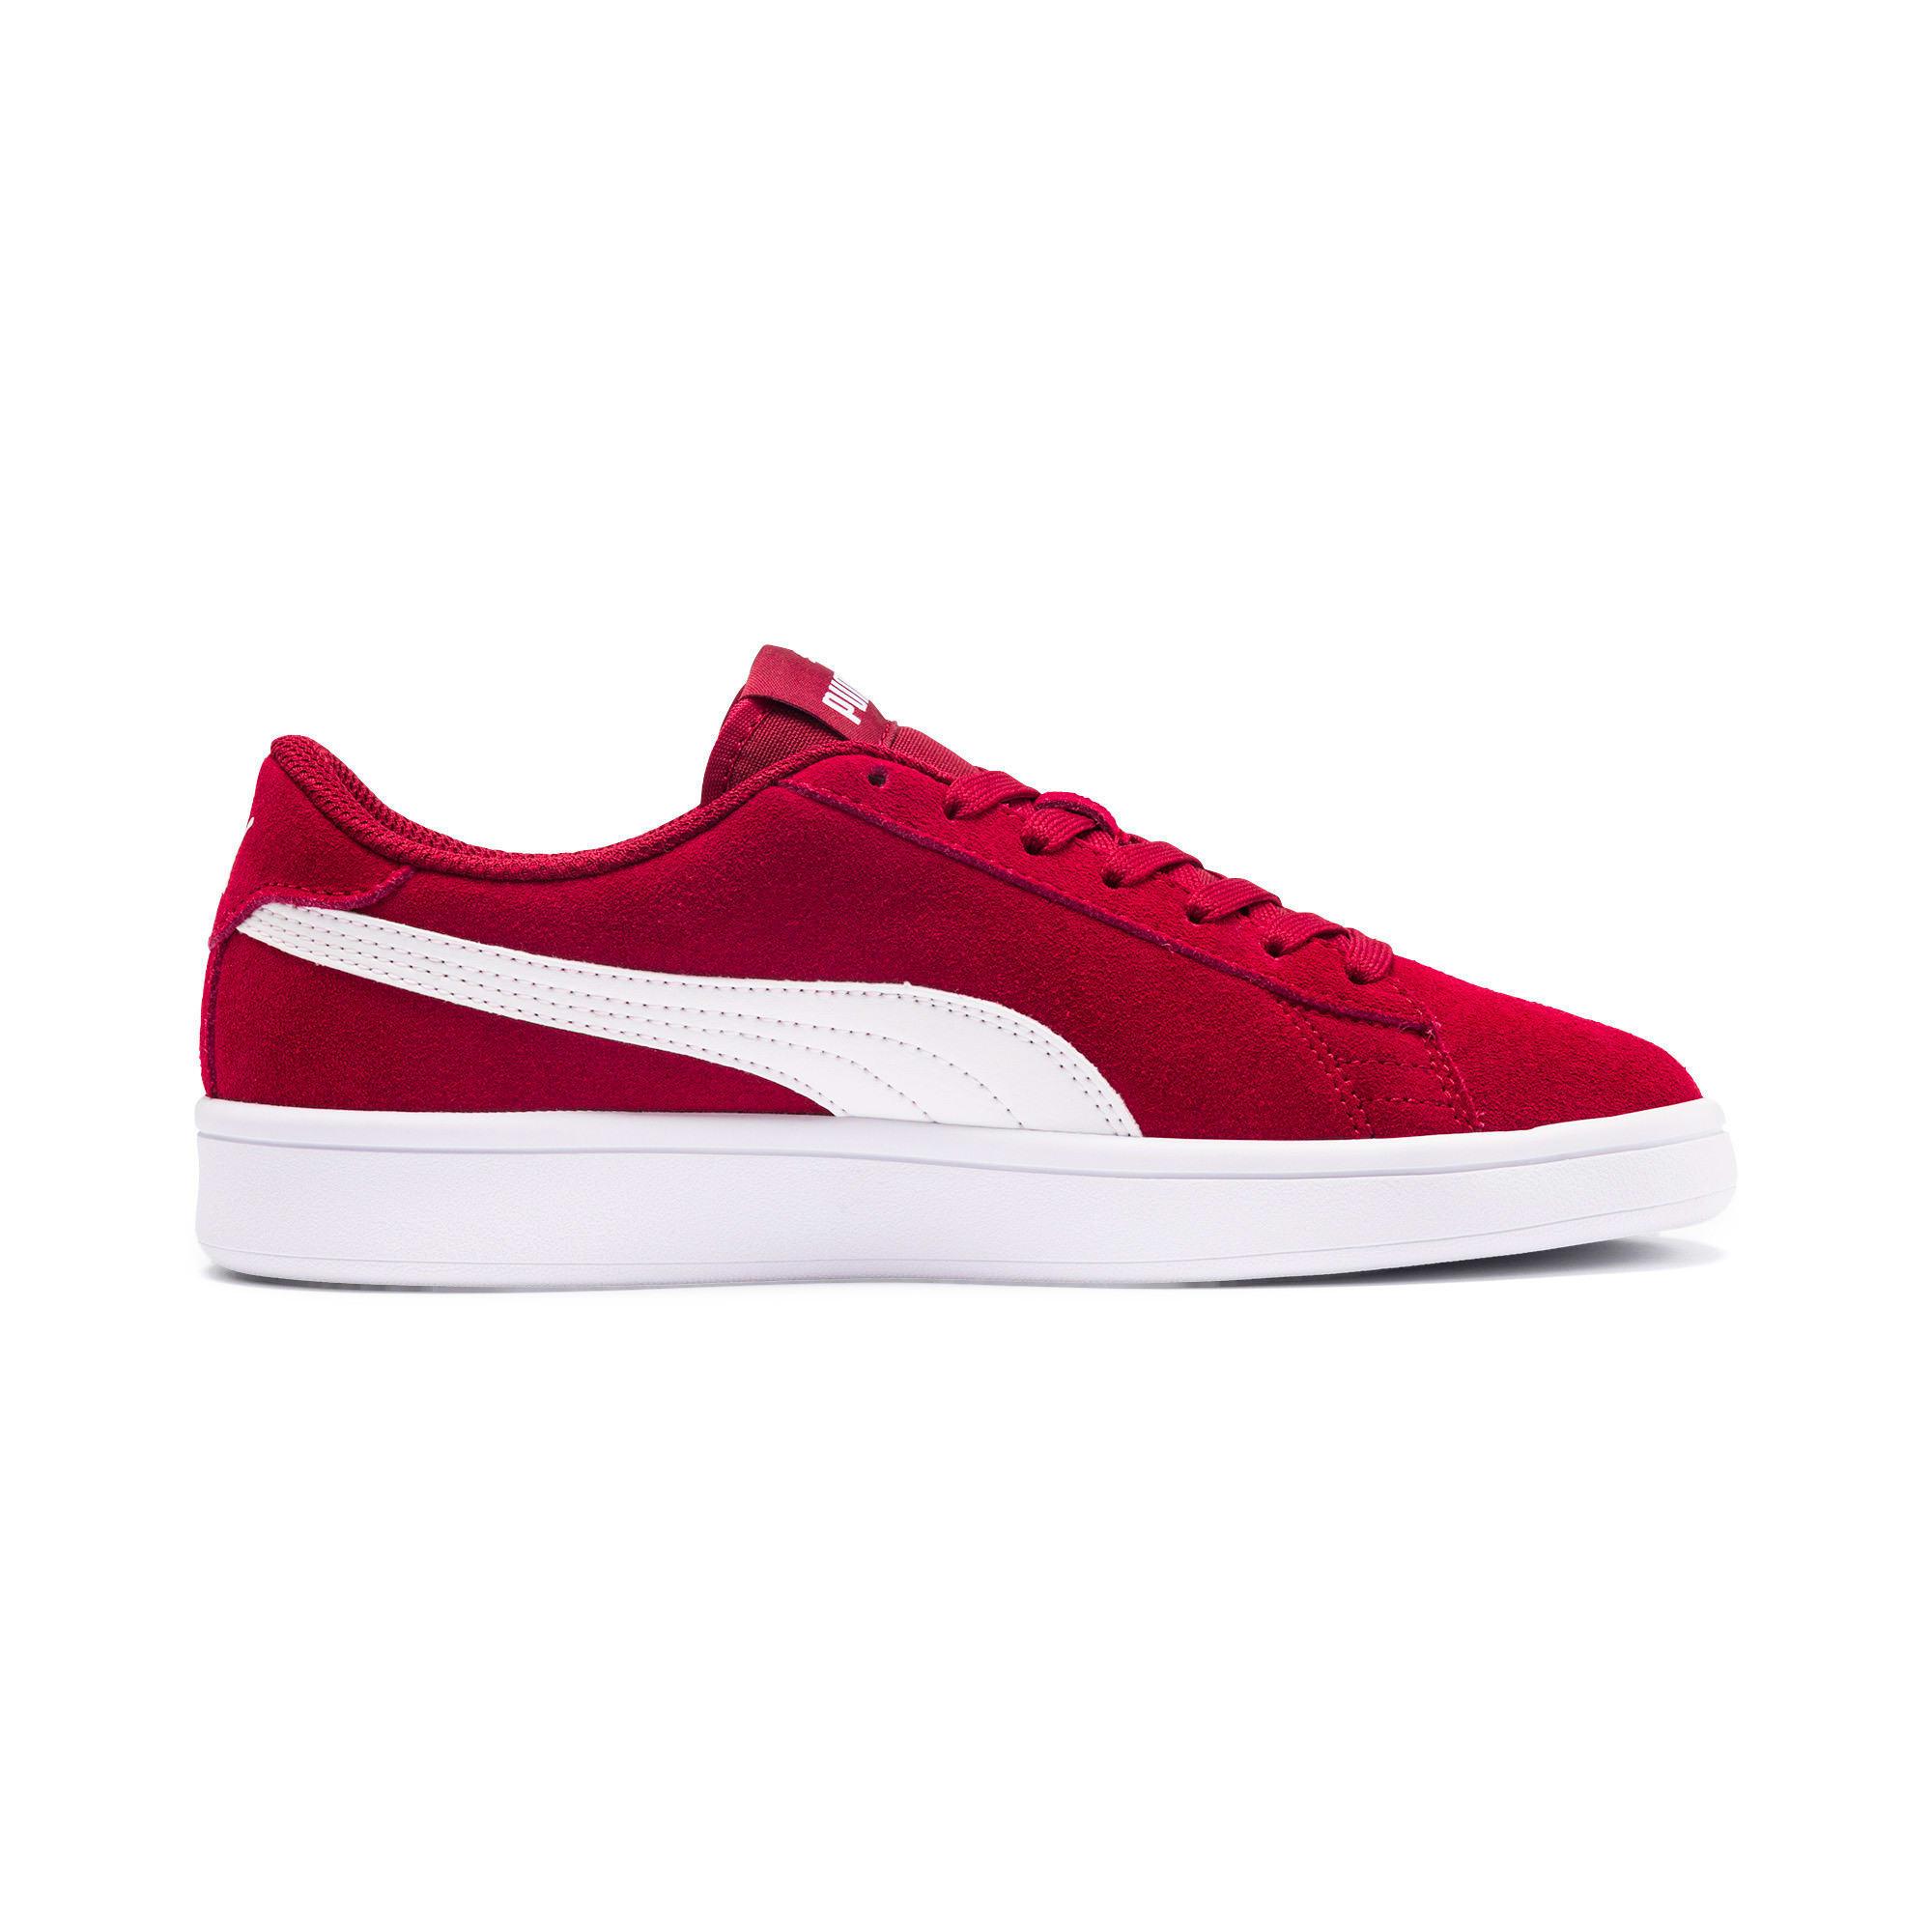 Thumbnail 5 of Smash v2 Suede Sneakers JR, Rhubarb-Puma White, medium